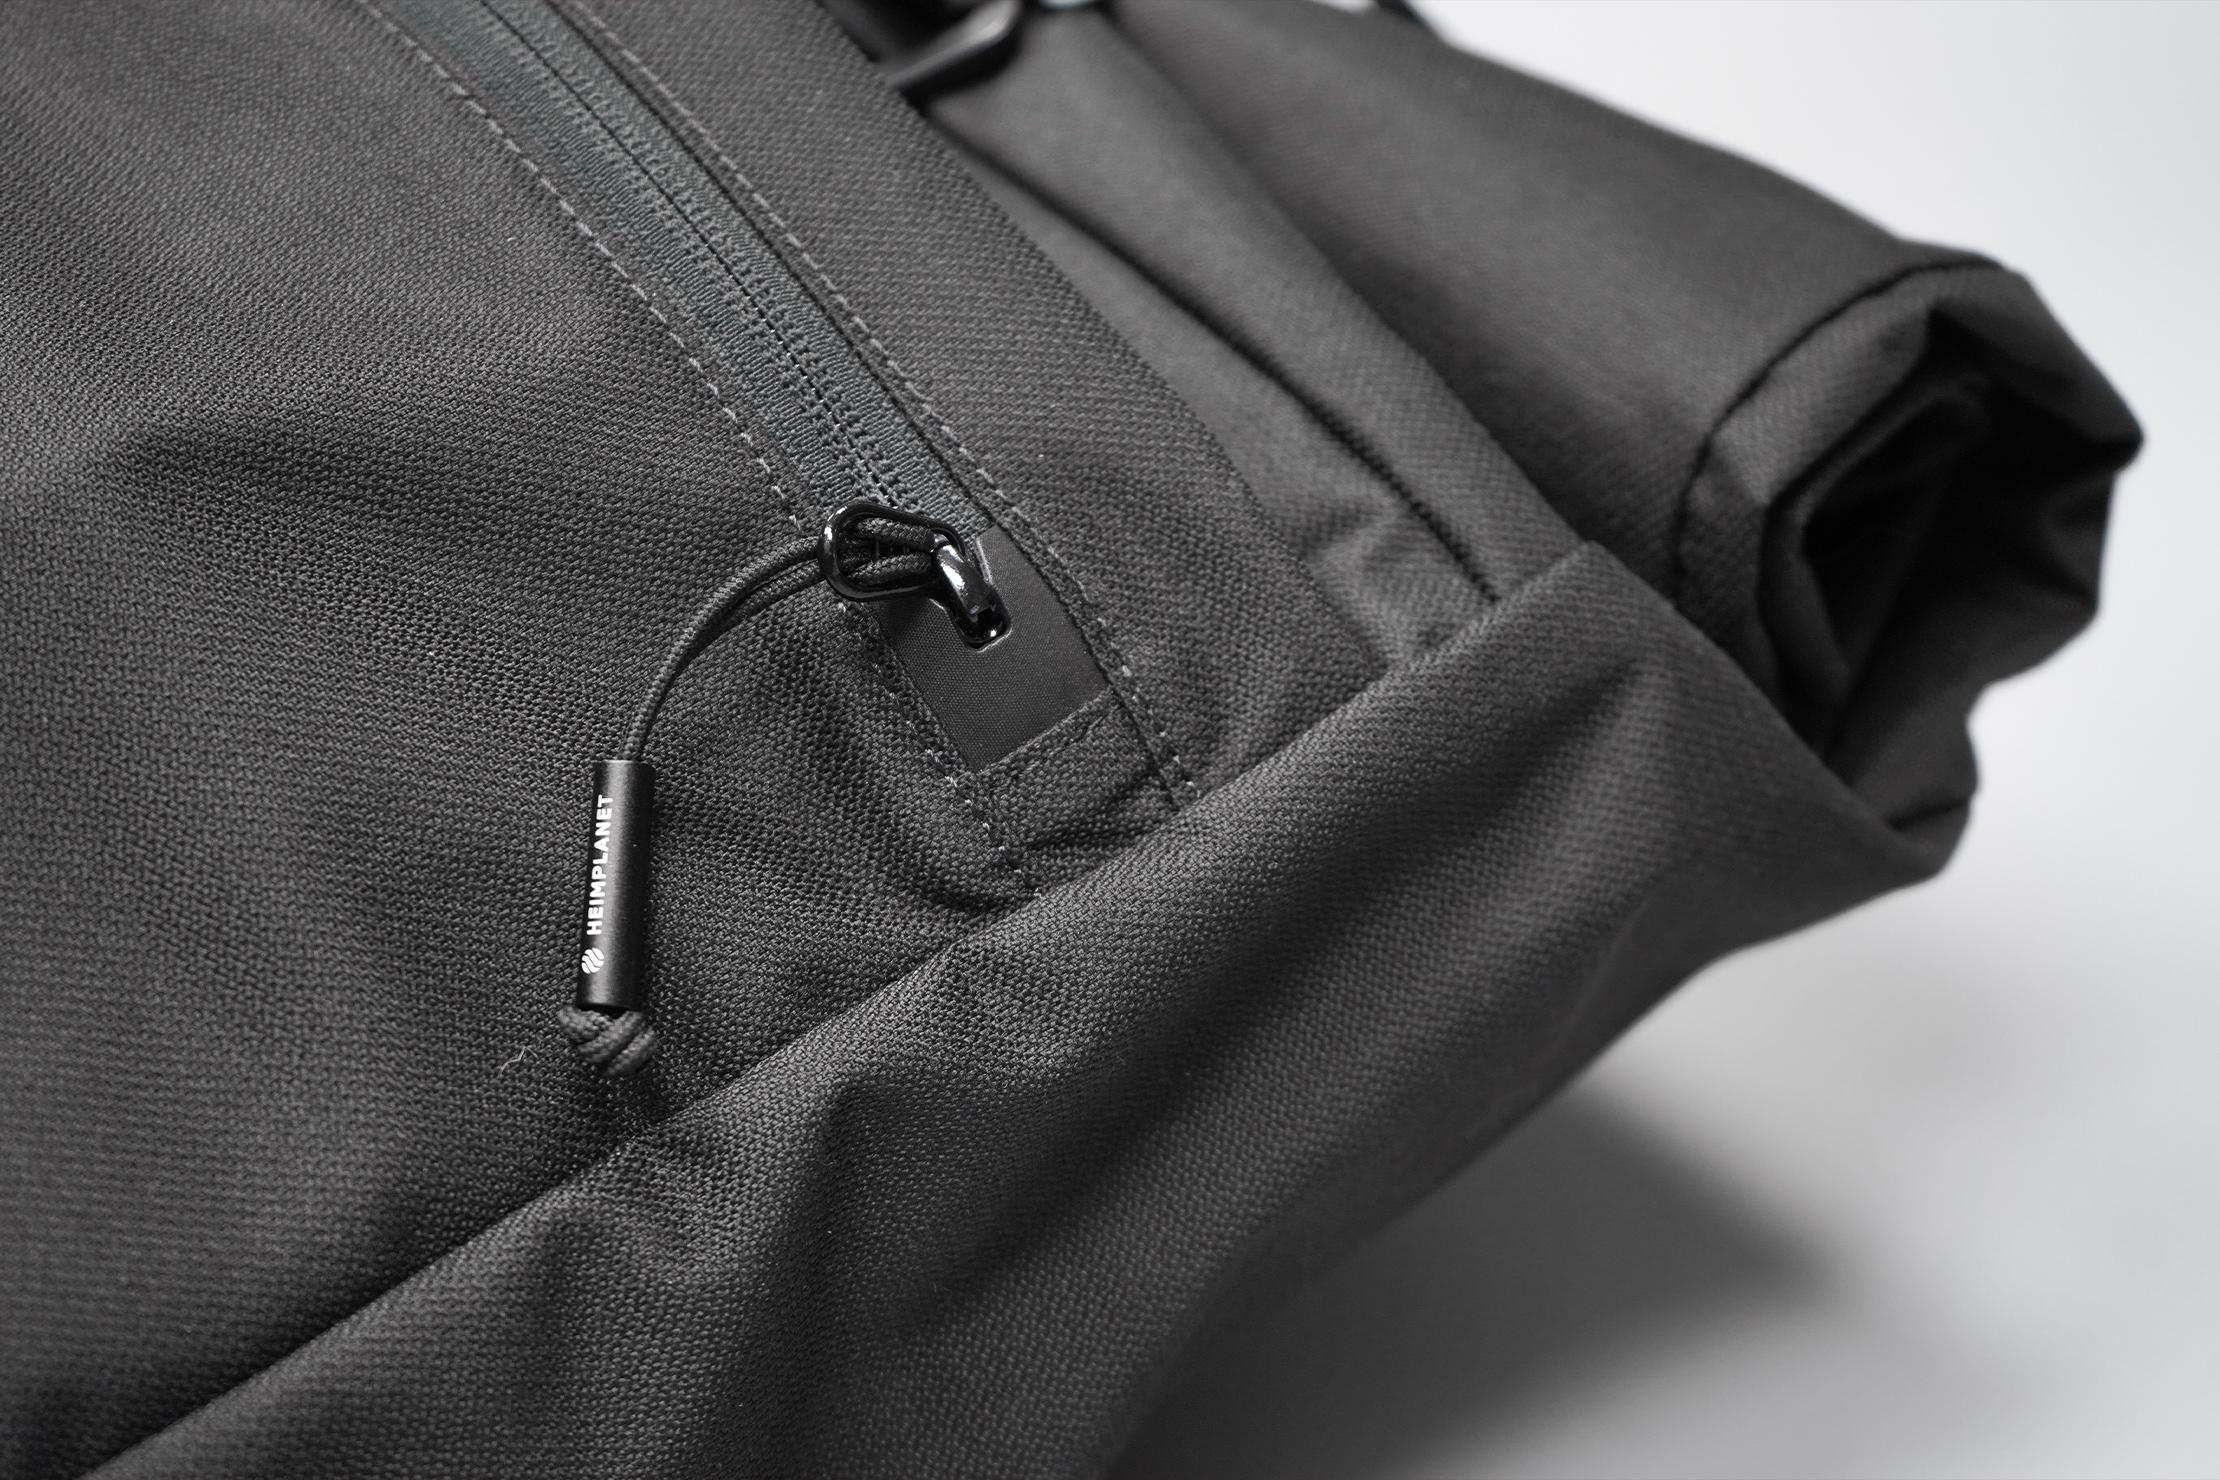 Heimplanet Commuter Pack Zipper